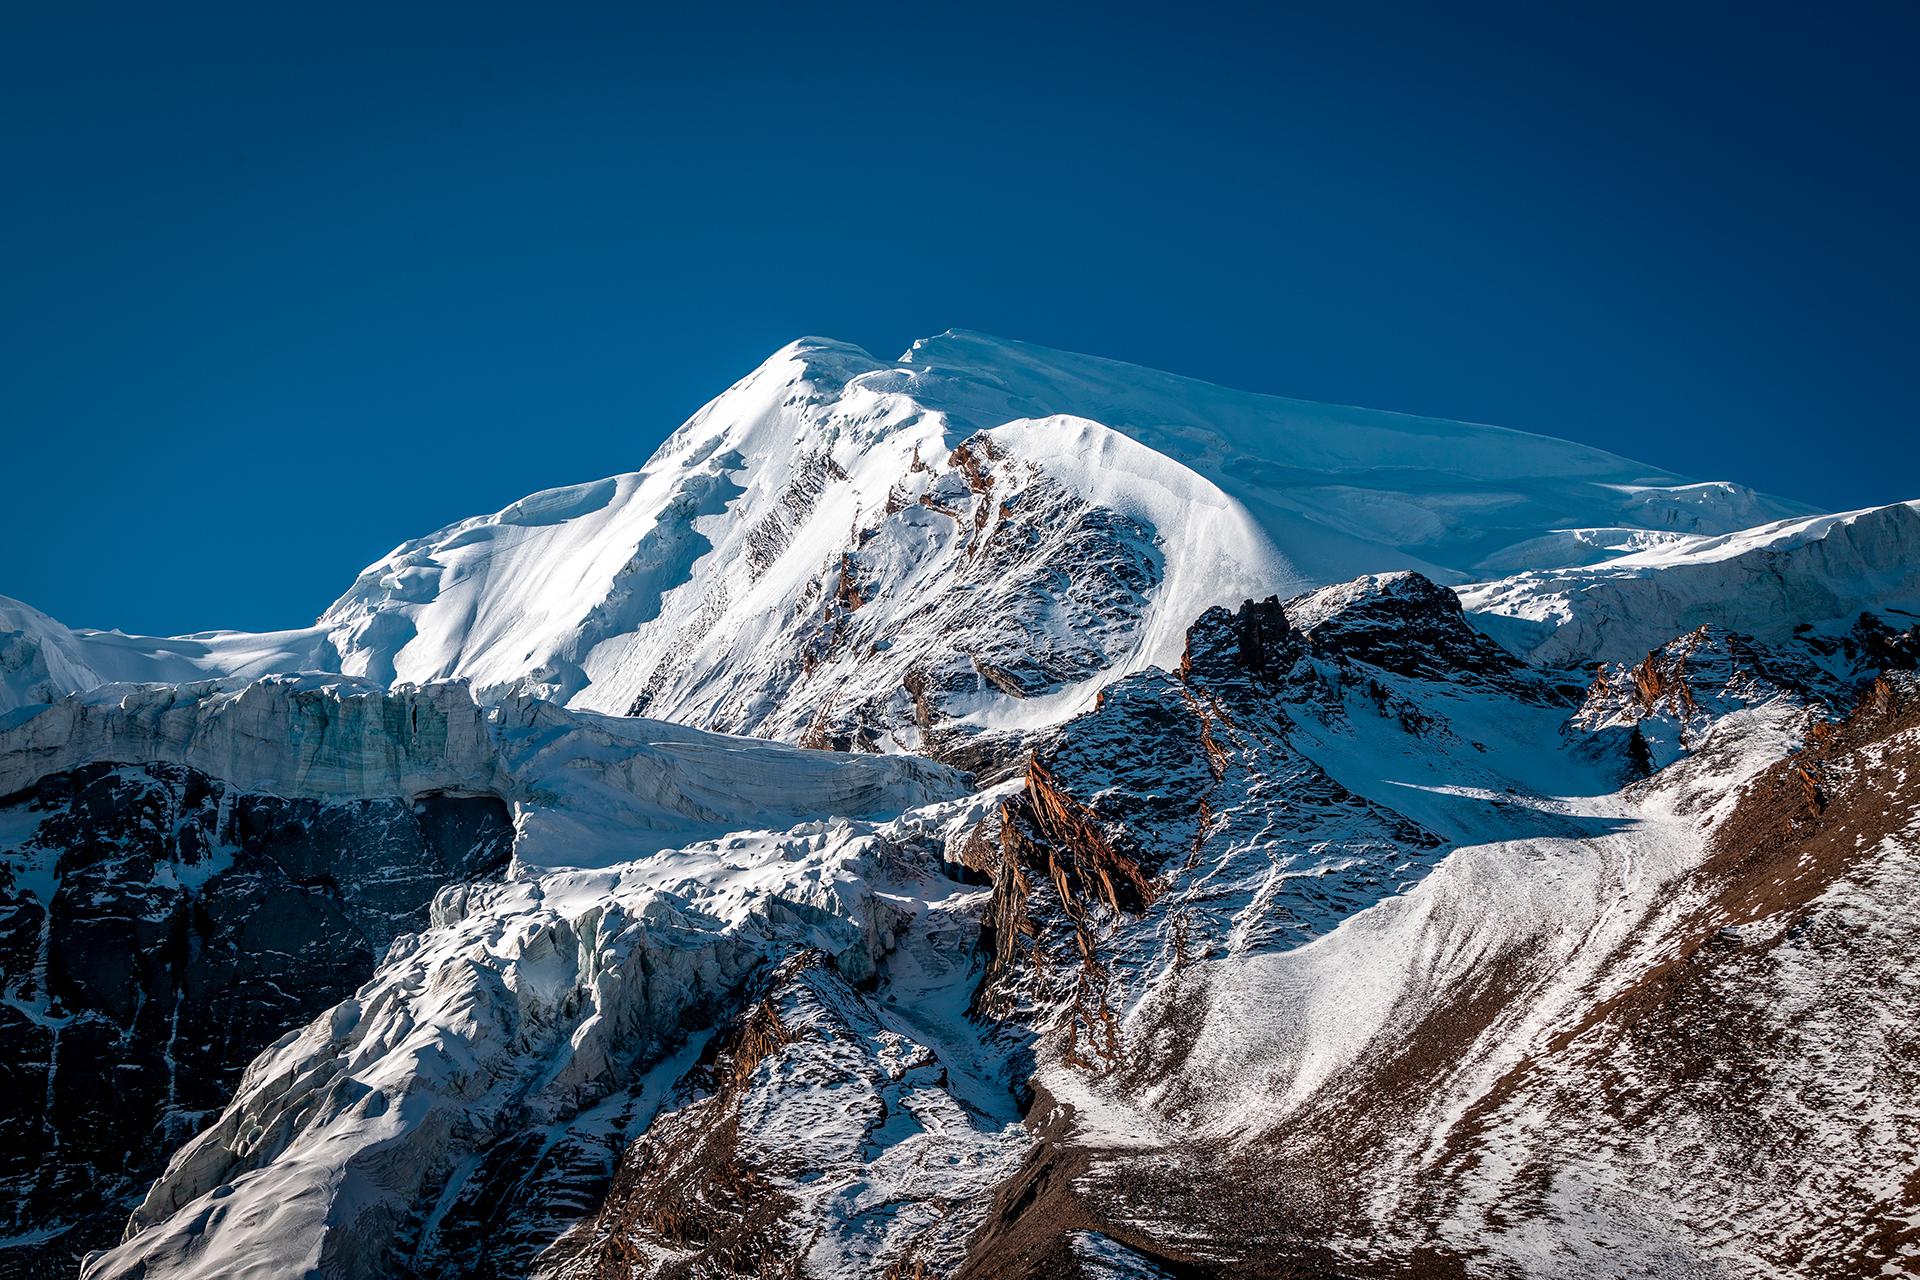 Thorong La Pass, Nepal